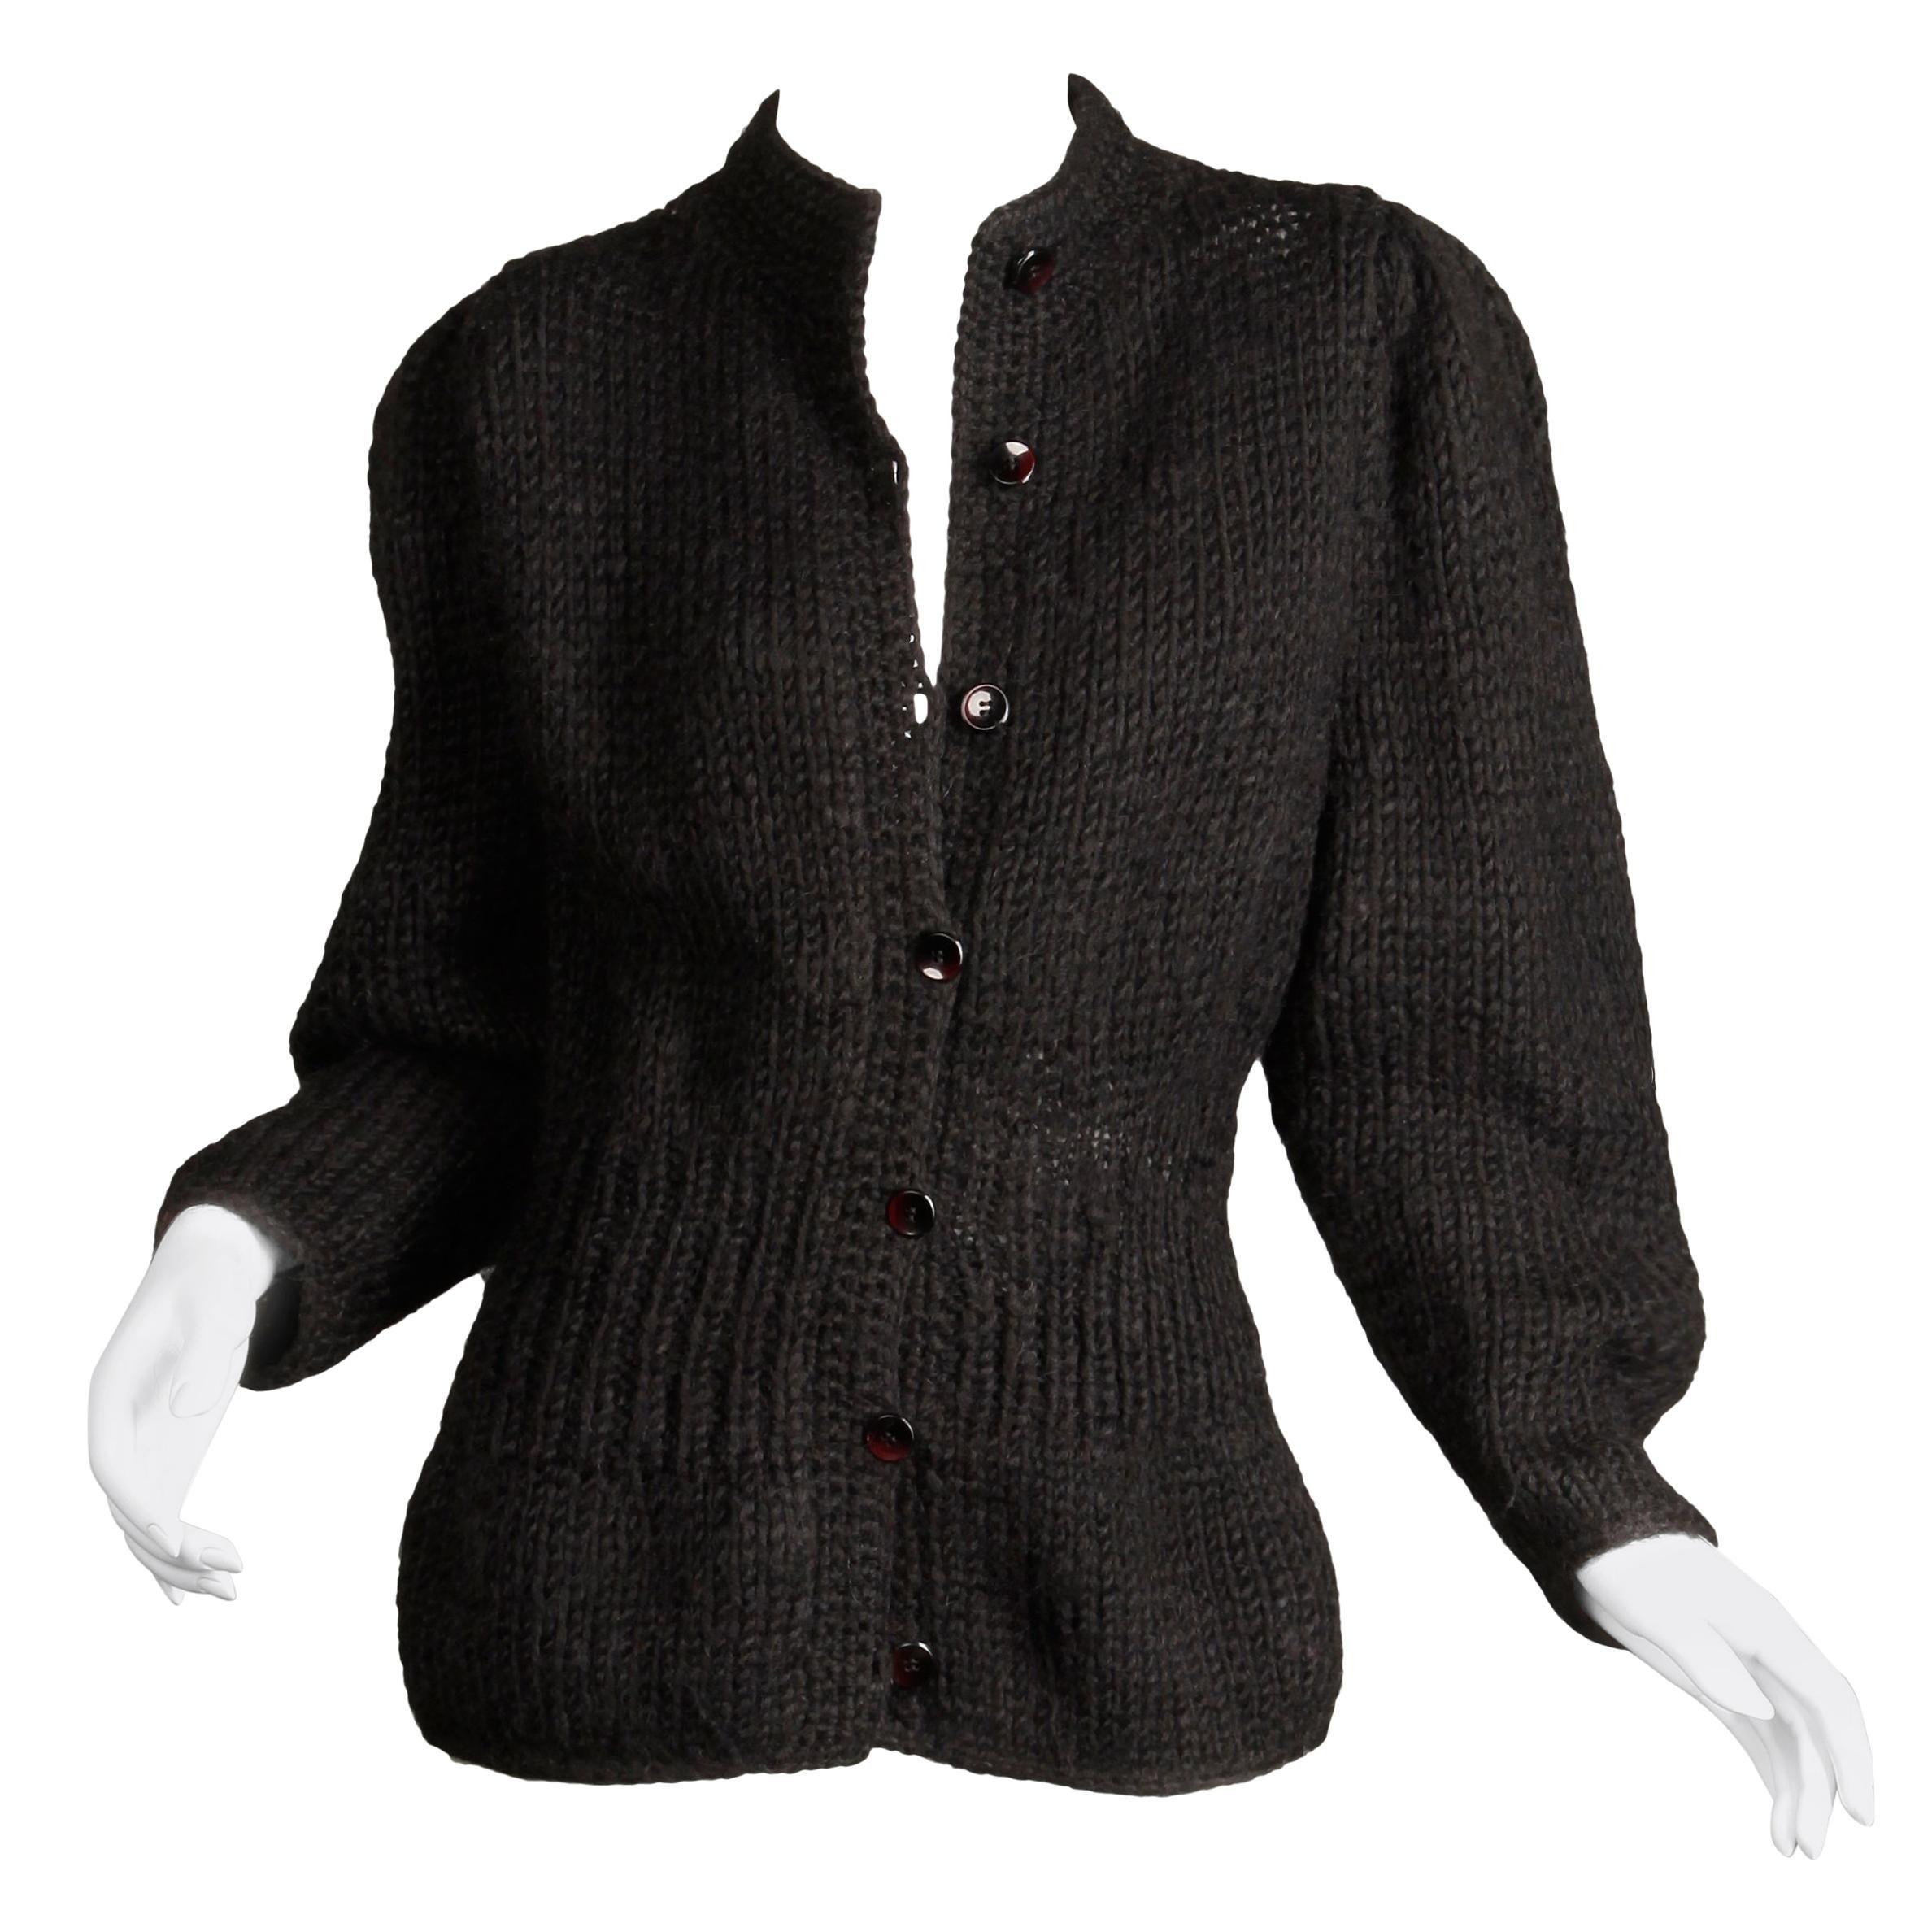 aa279921c92f Vintage I. Magnin: Dresses, Coats & More - 99 For Sale at 1stdibs